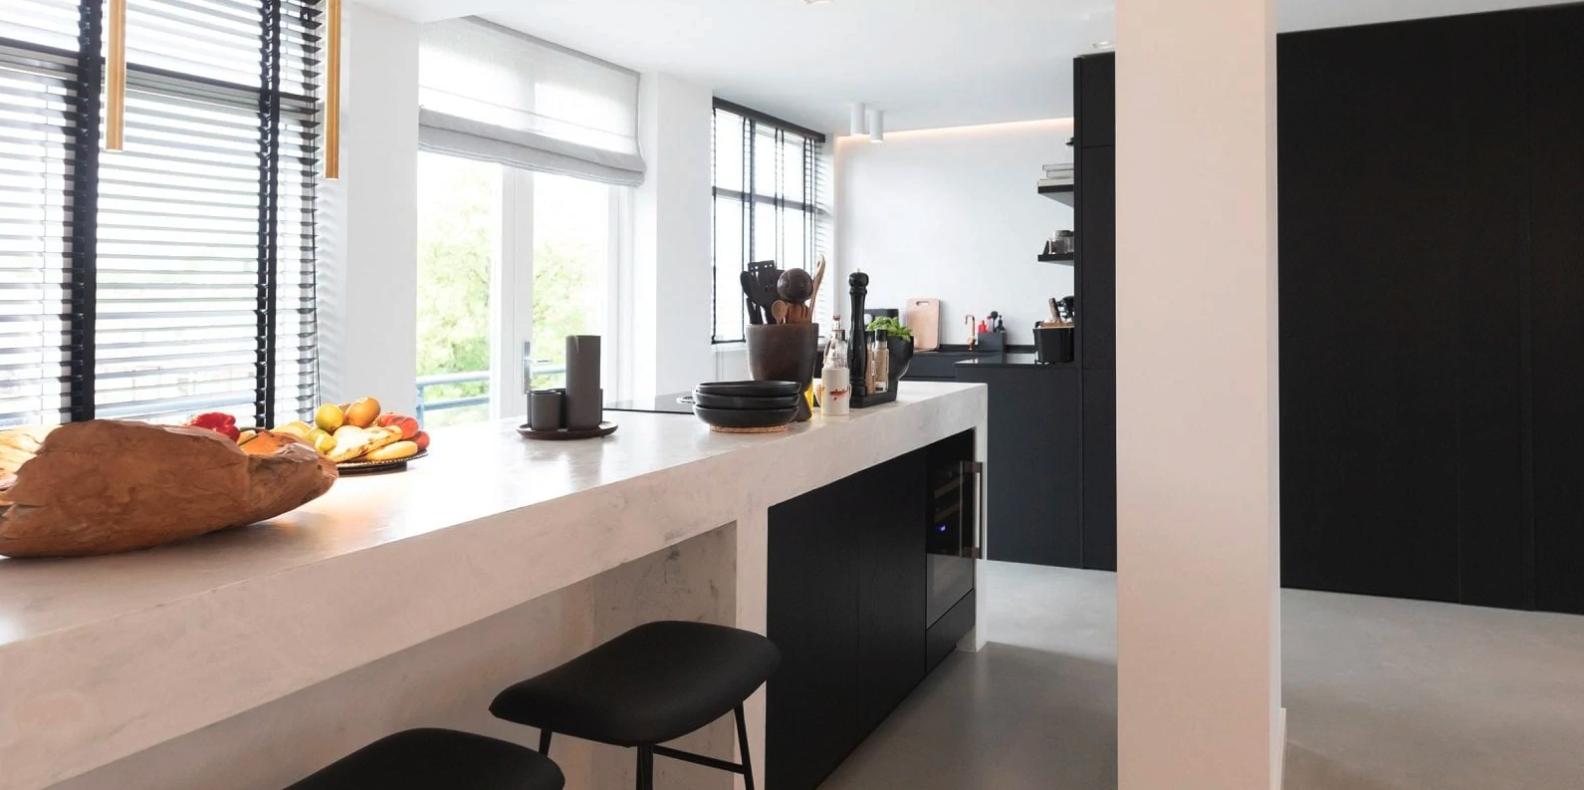 Moderne Keuken Op Maat Door Atelier 19 Zoetermeer